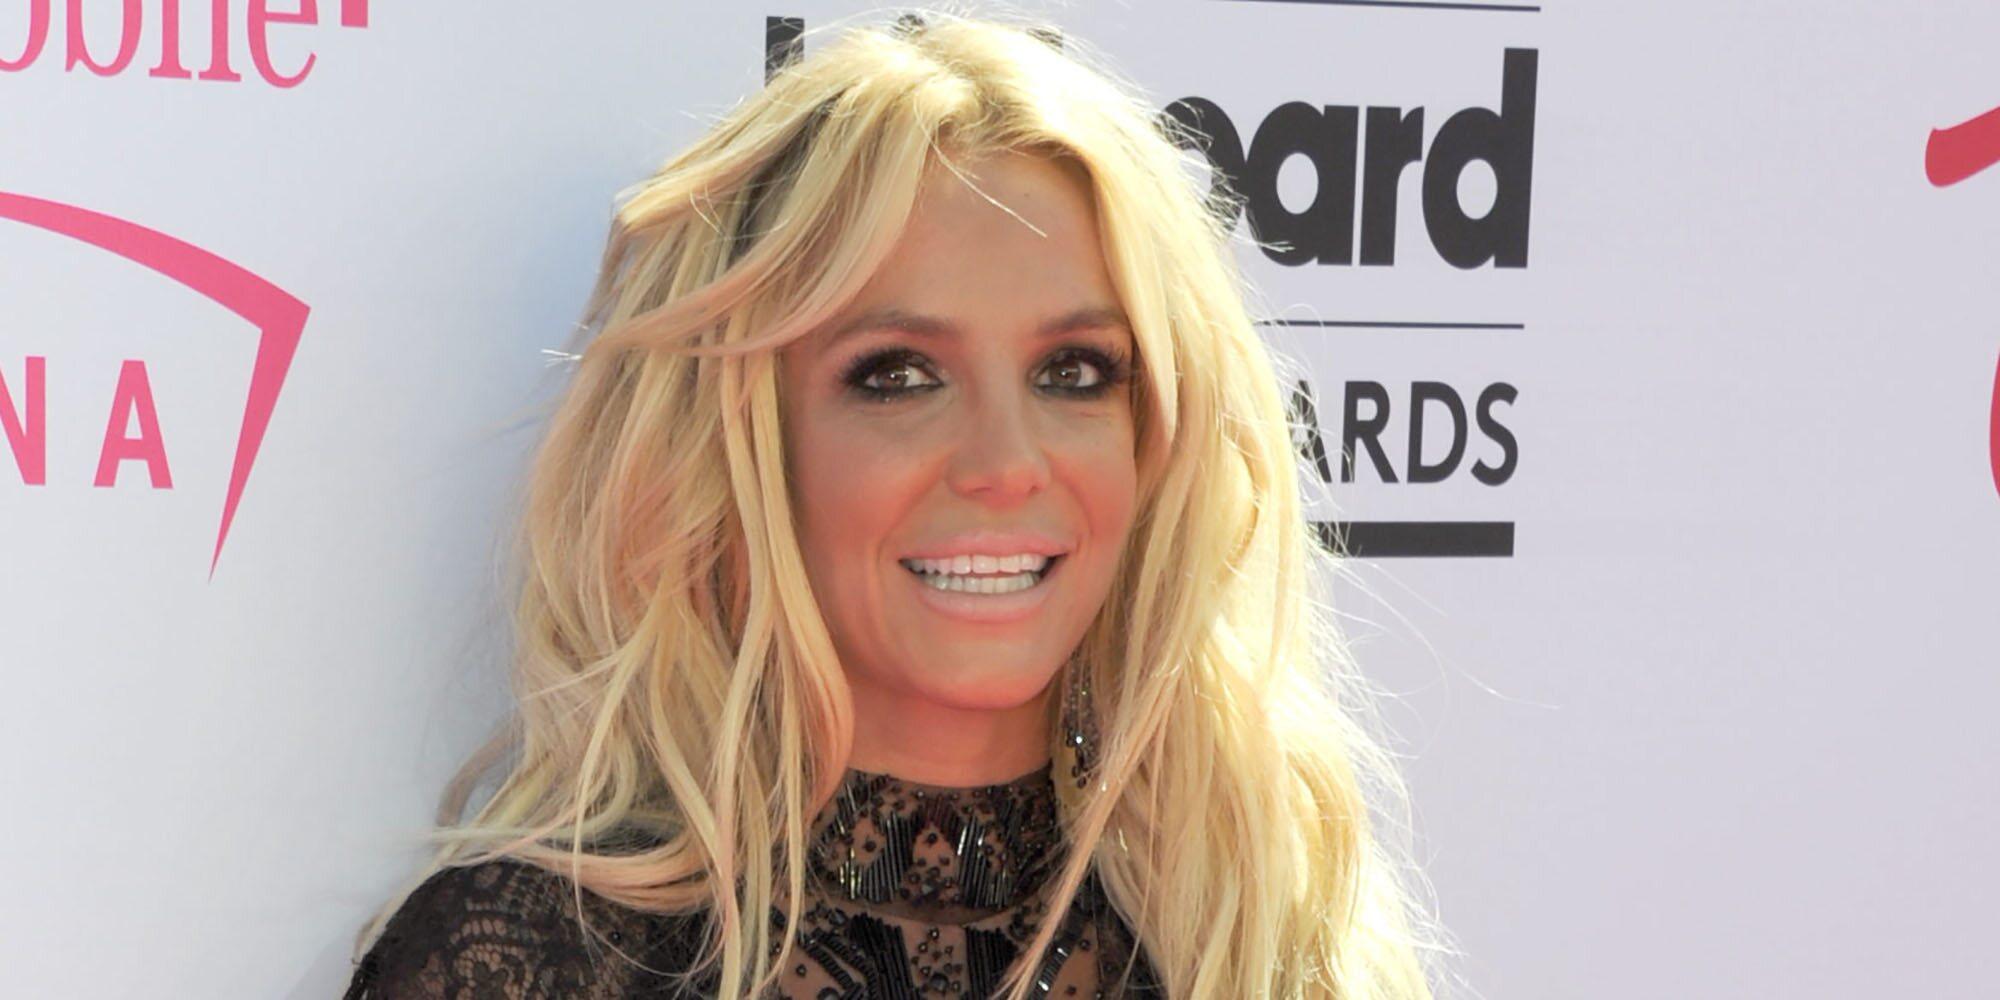 El motivo por el que Britney Spears quiere dejar su carrera musical